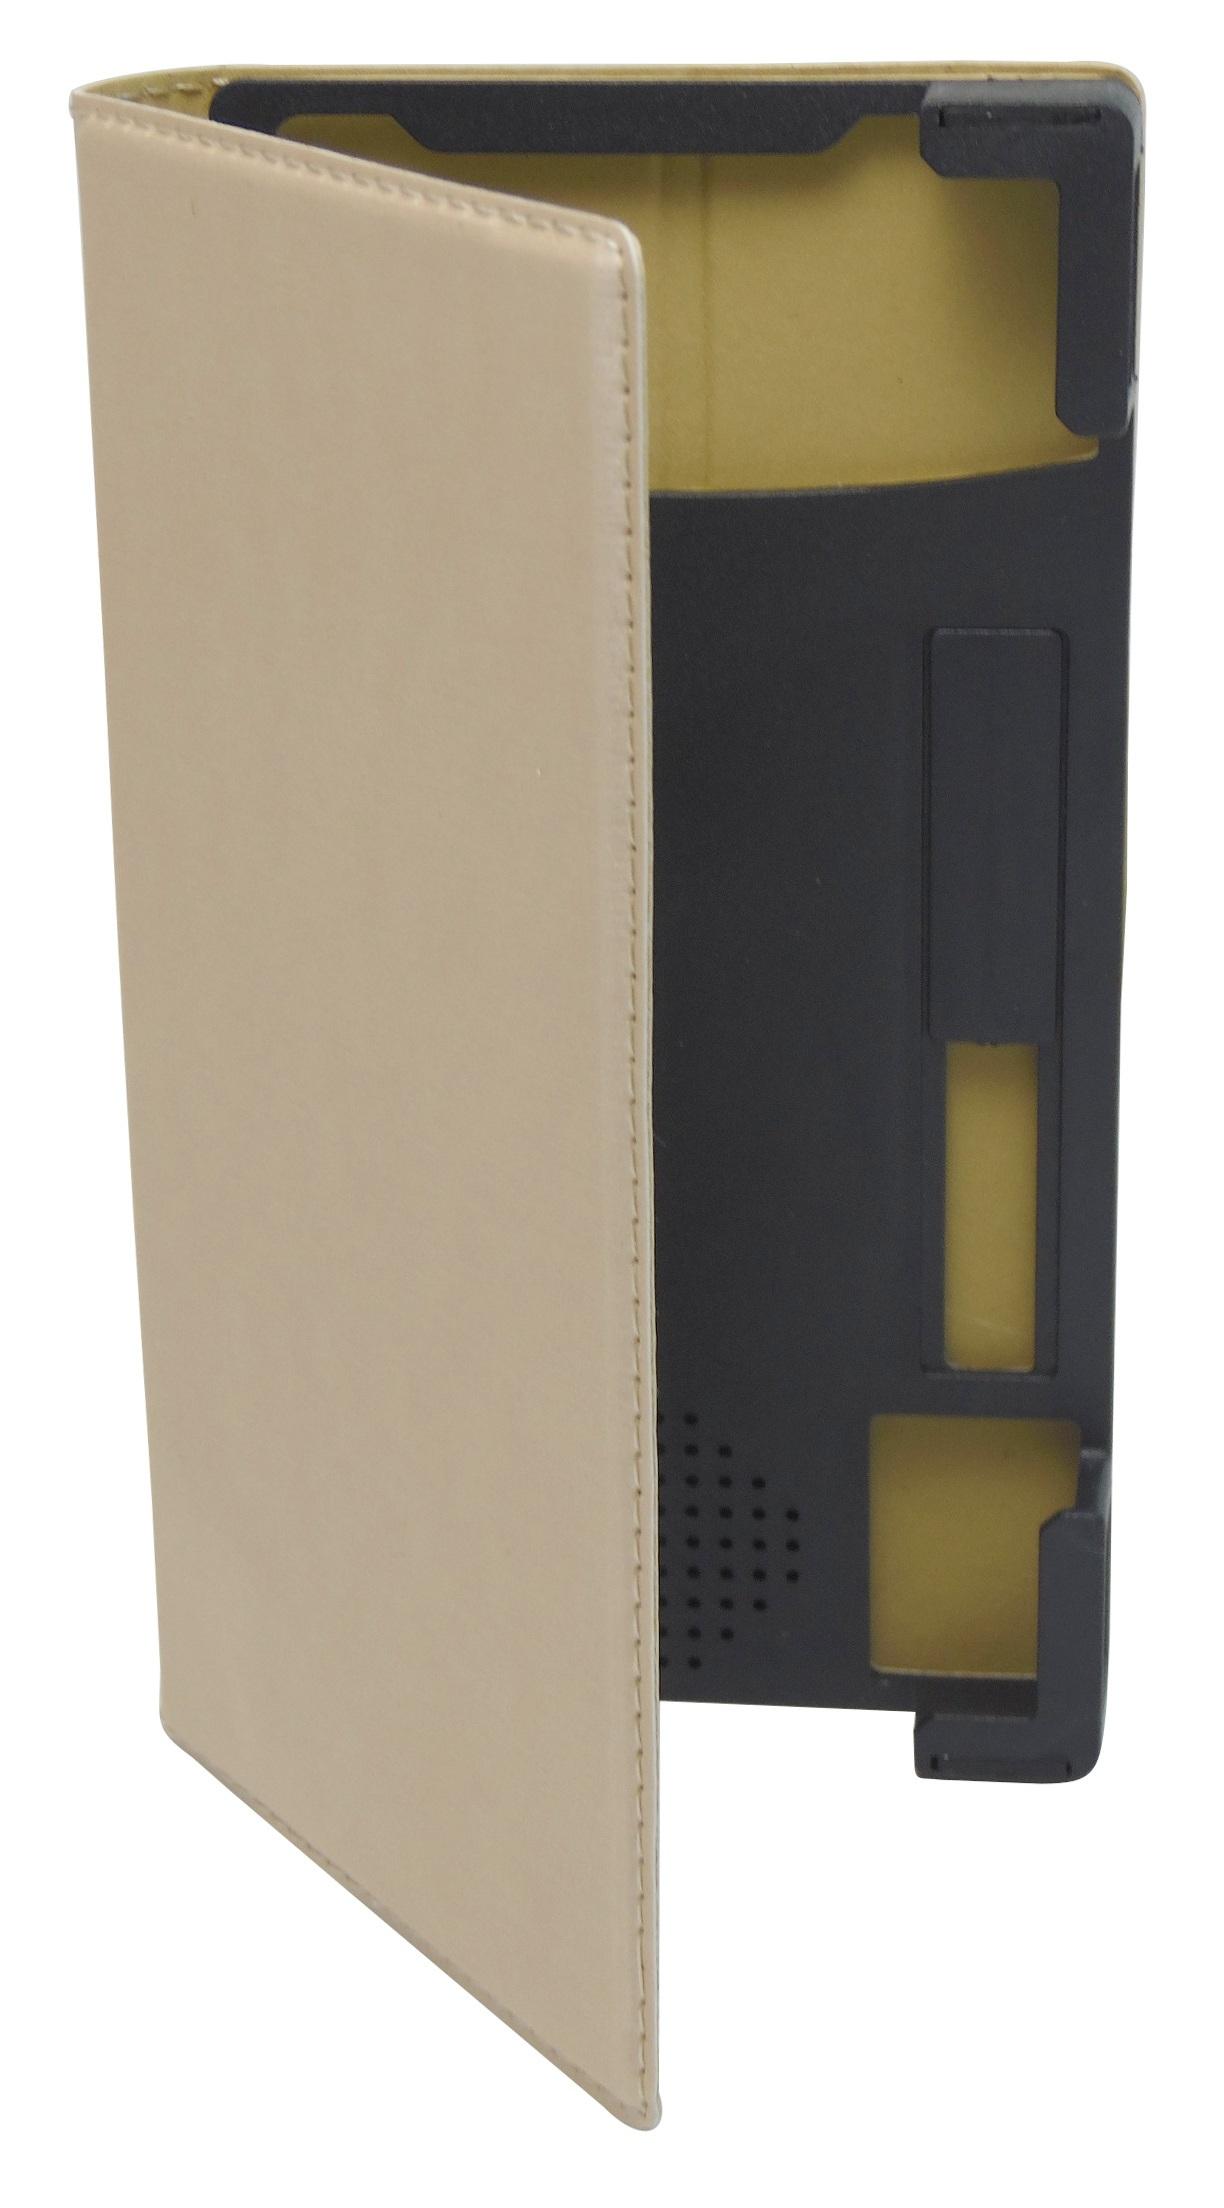 Husa universala GreenGo Smart Master aurie (reglabila) cu stand si rama mobila pentru telefoane cu diagonala de 4,7 - 5,1 inch